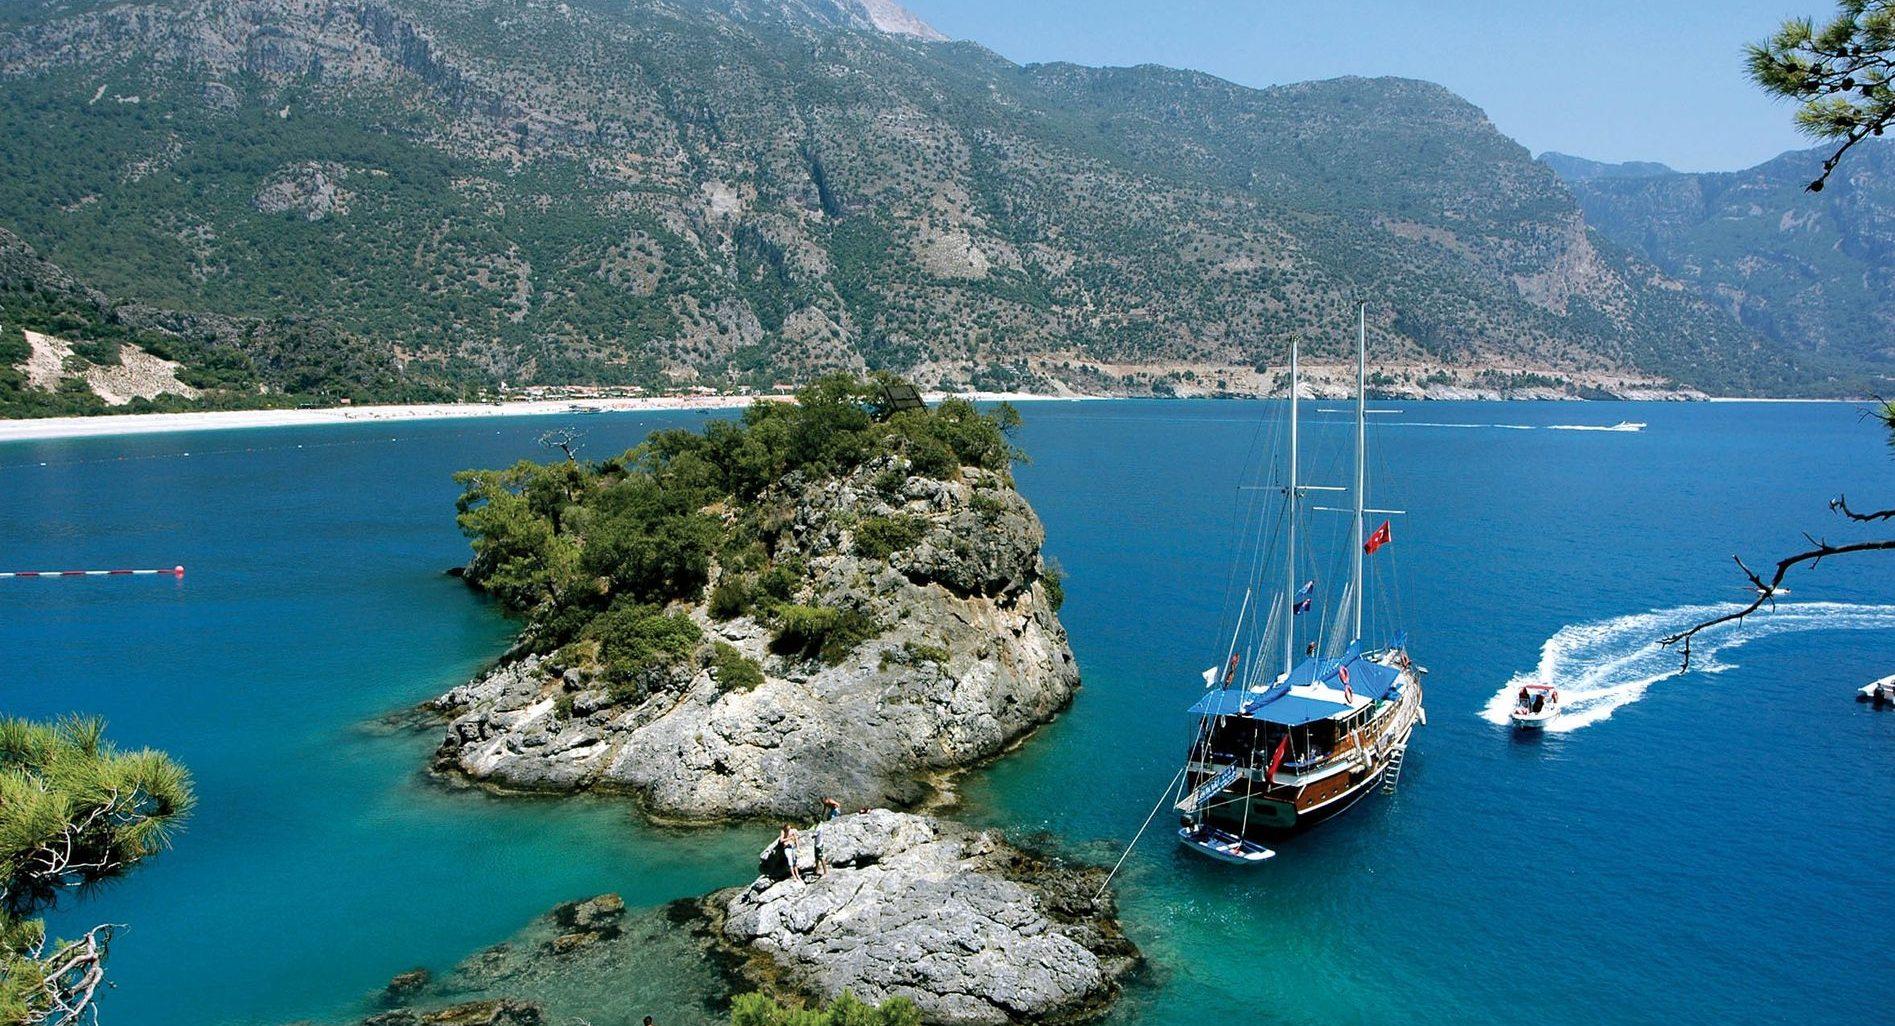 Фото. Турция: преимущества региона Фетхие